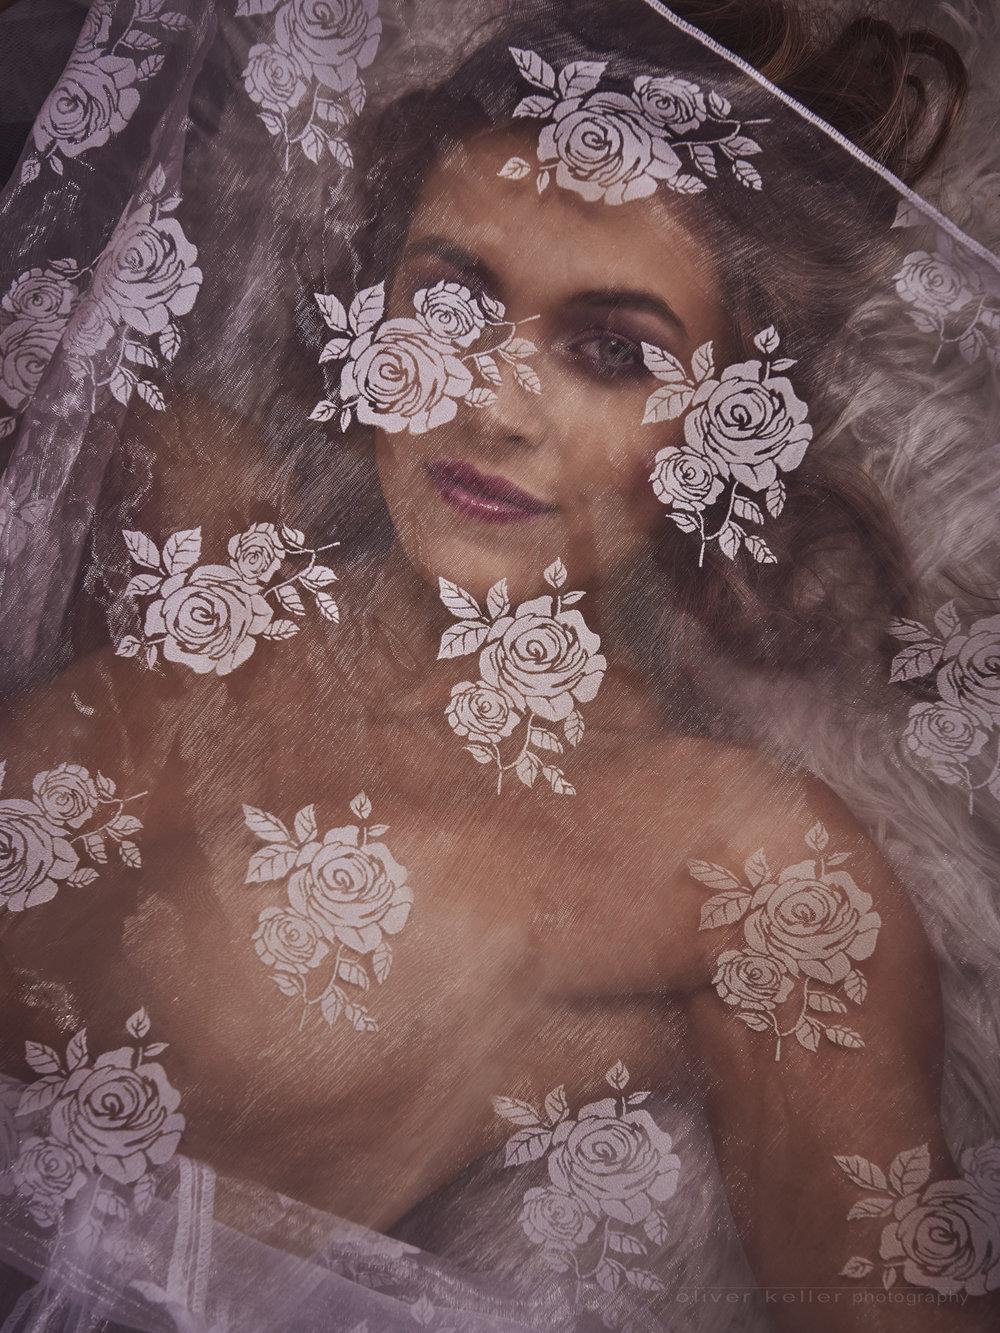 2018-11-27-sensual-feminin-Cheyenne26264.jpg